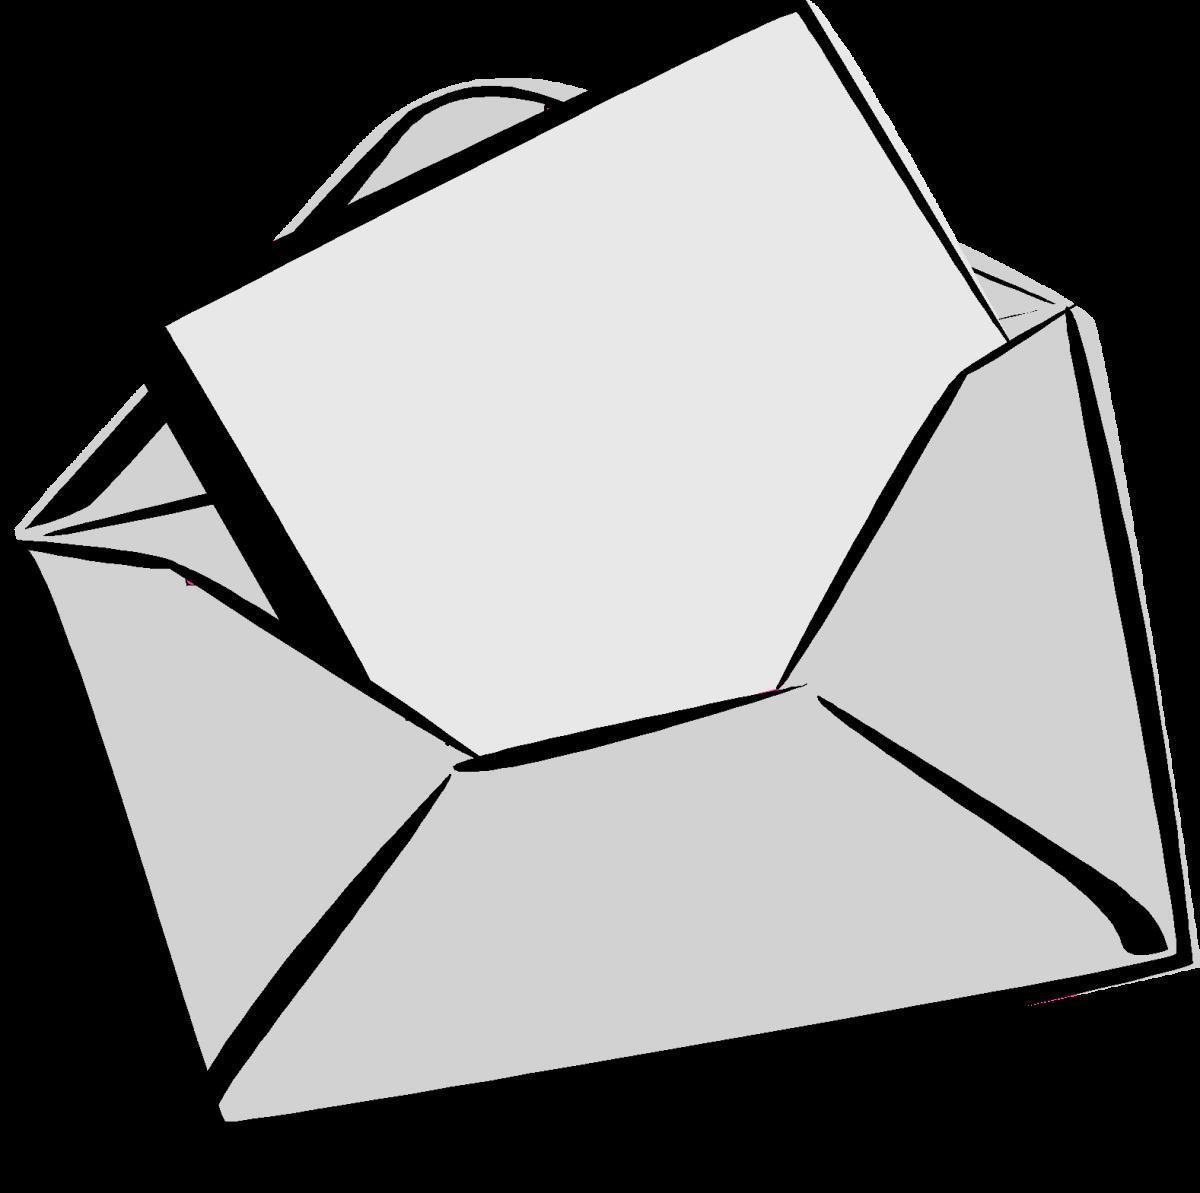 De bewonersbrief van 6 mei